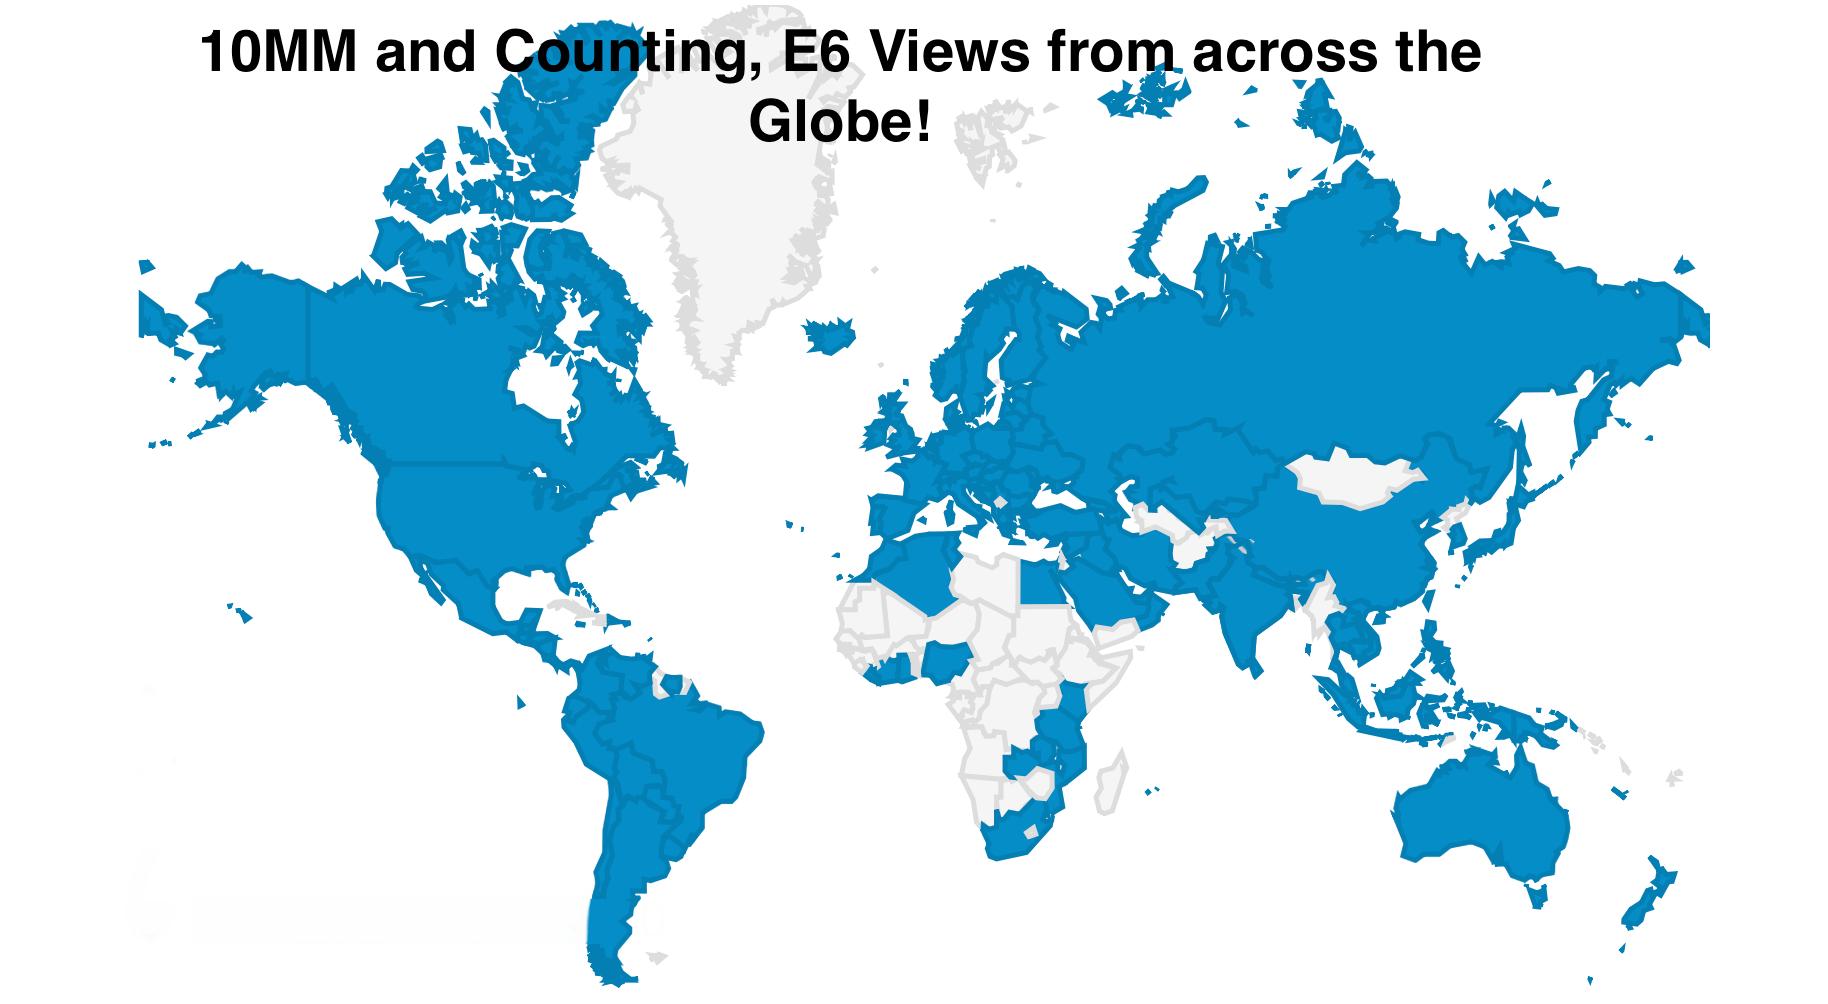 E6 Xinet19 DAM worldwide reach